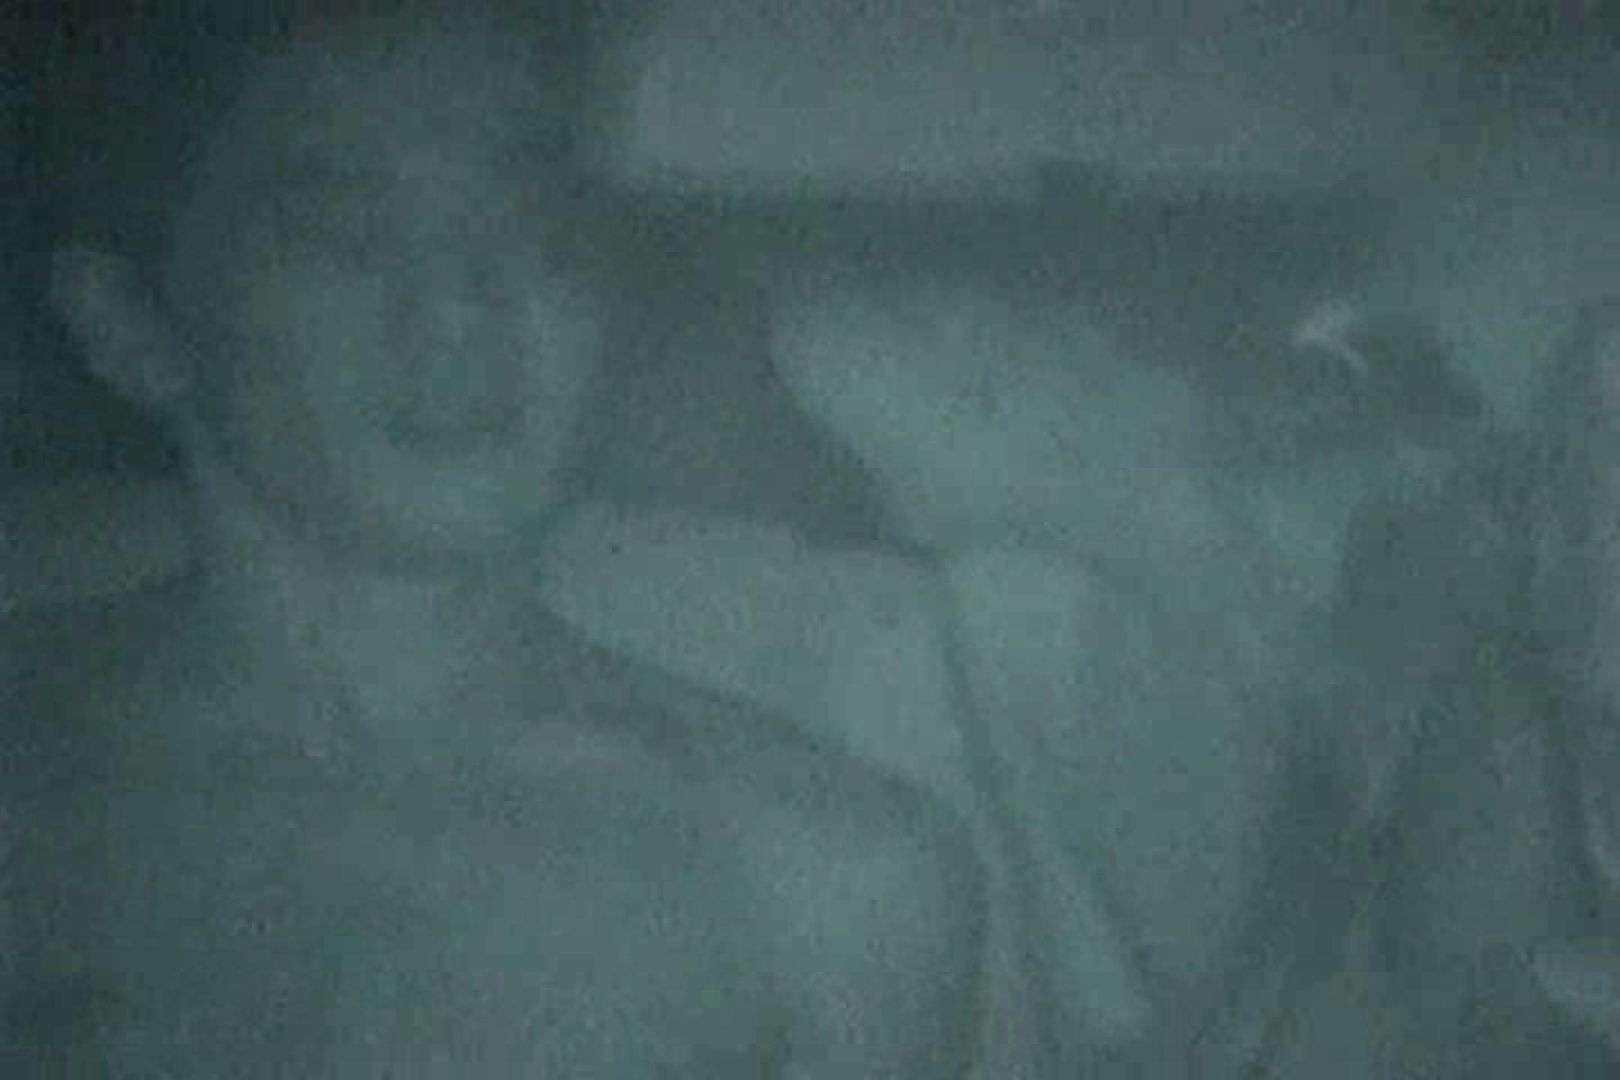 充血監督の深夜の運動会Vol.130 赤外線 オメコ動画キャプチャ 99pic 3